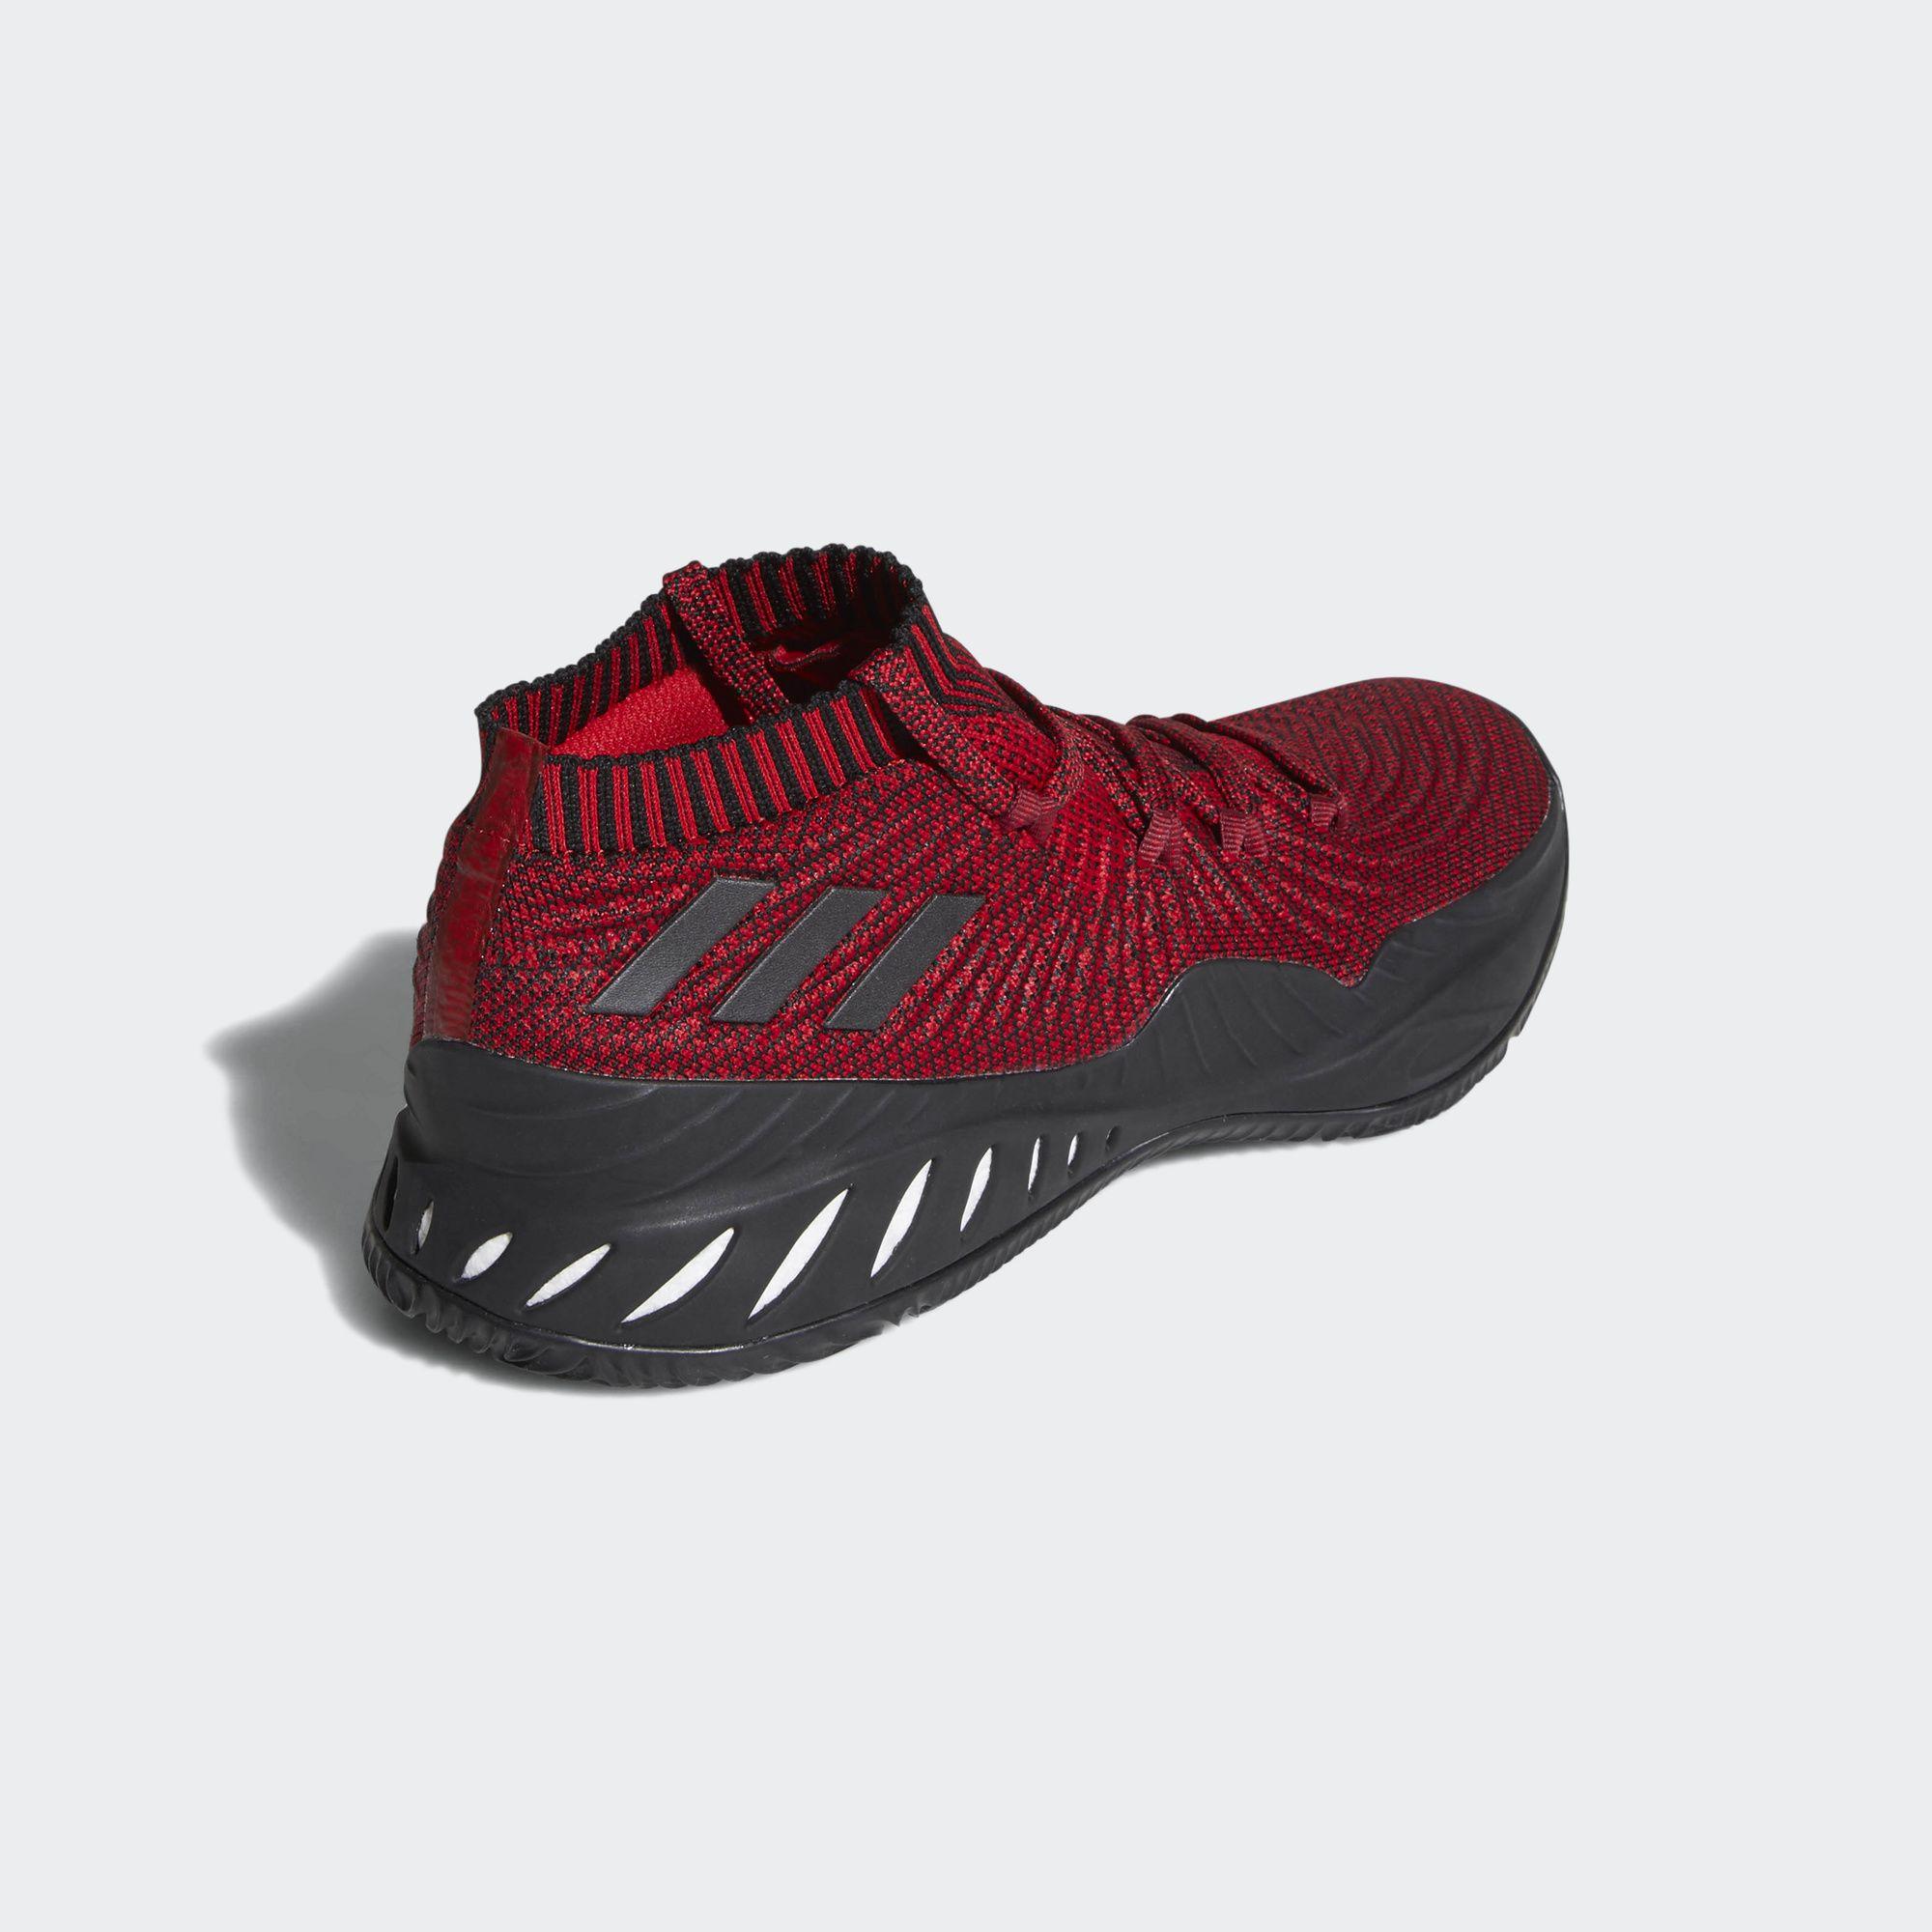 Adidas Locos Explosivos 2017 Combinaciones De Colores Bajos Bh4MNciSeb